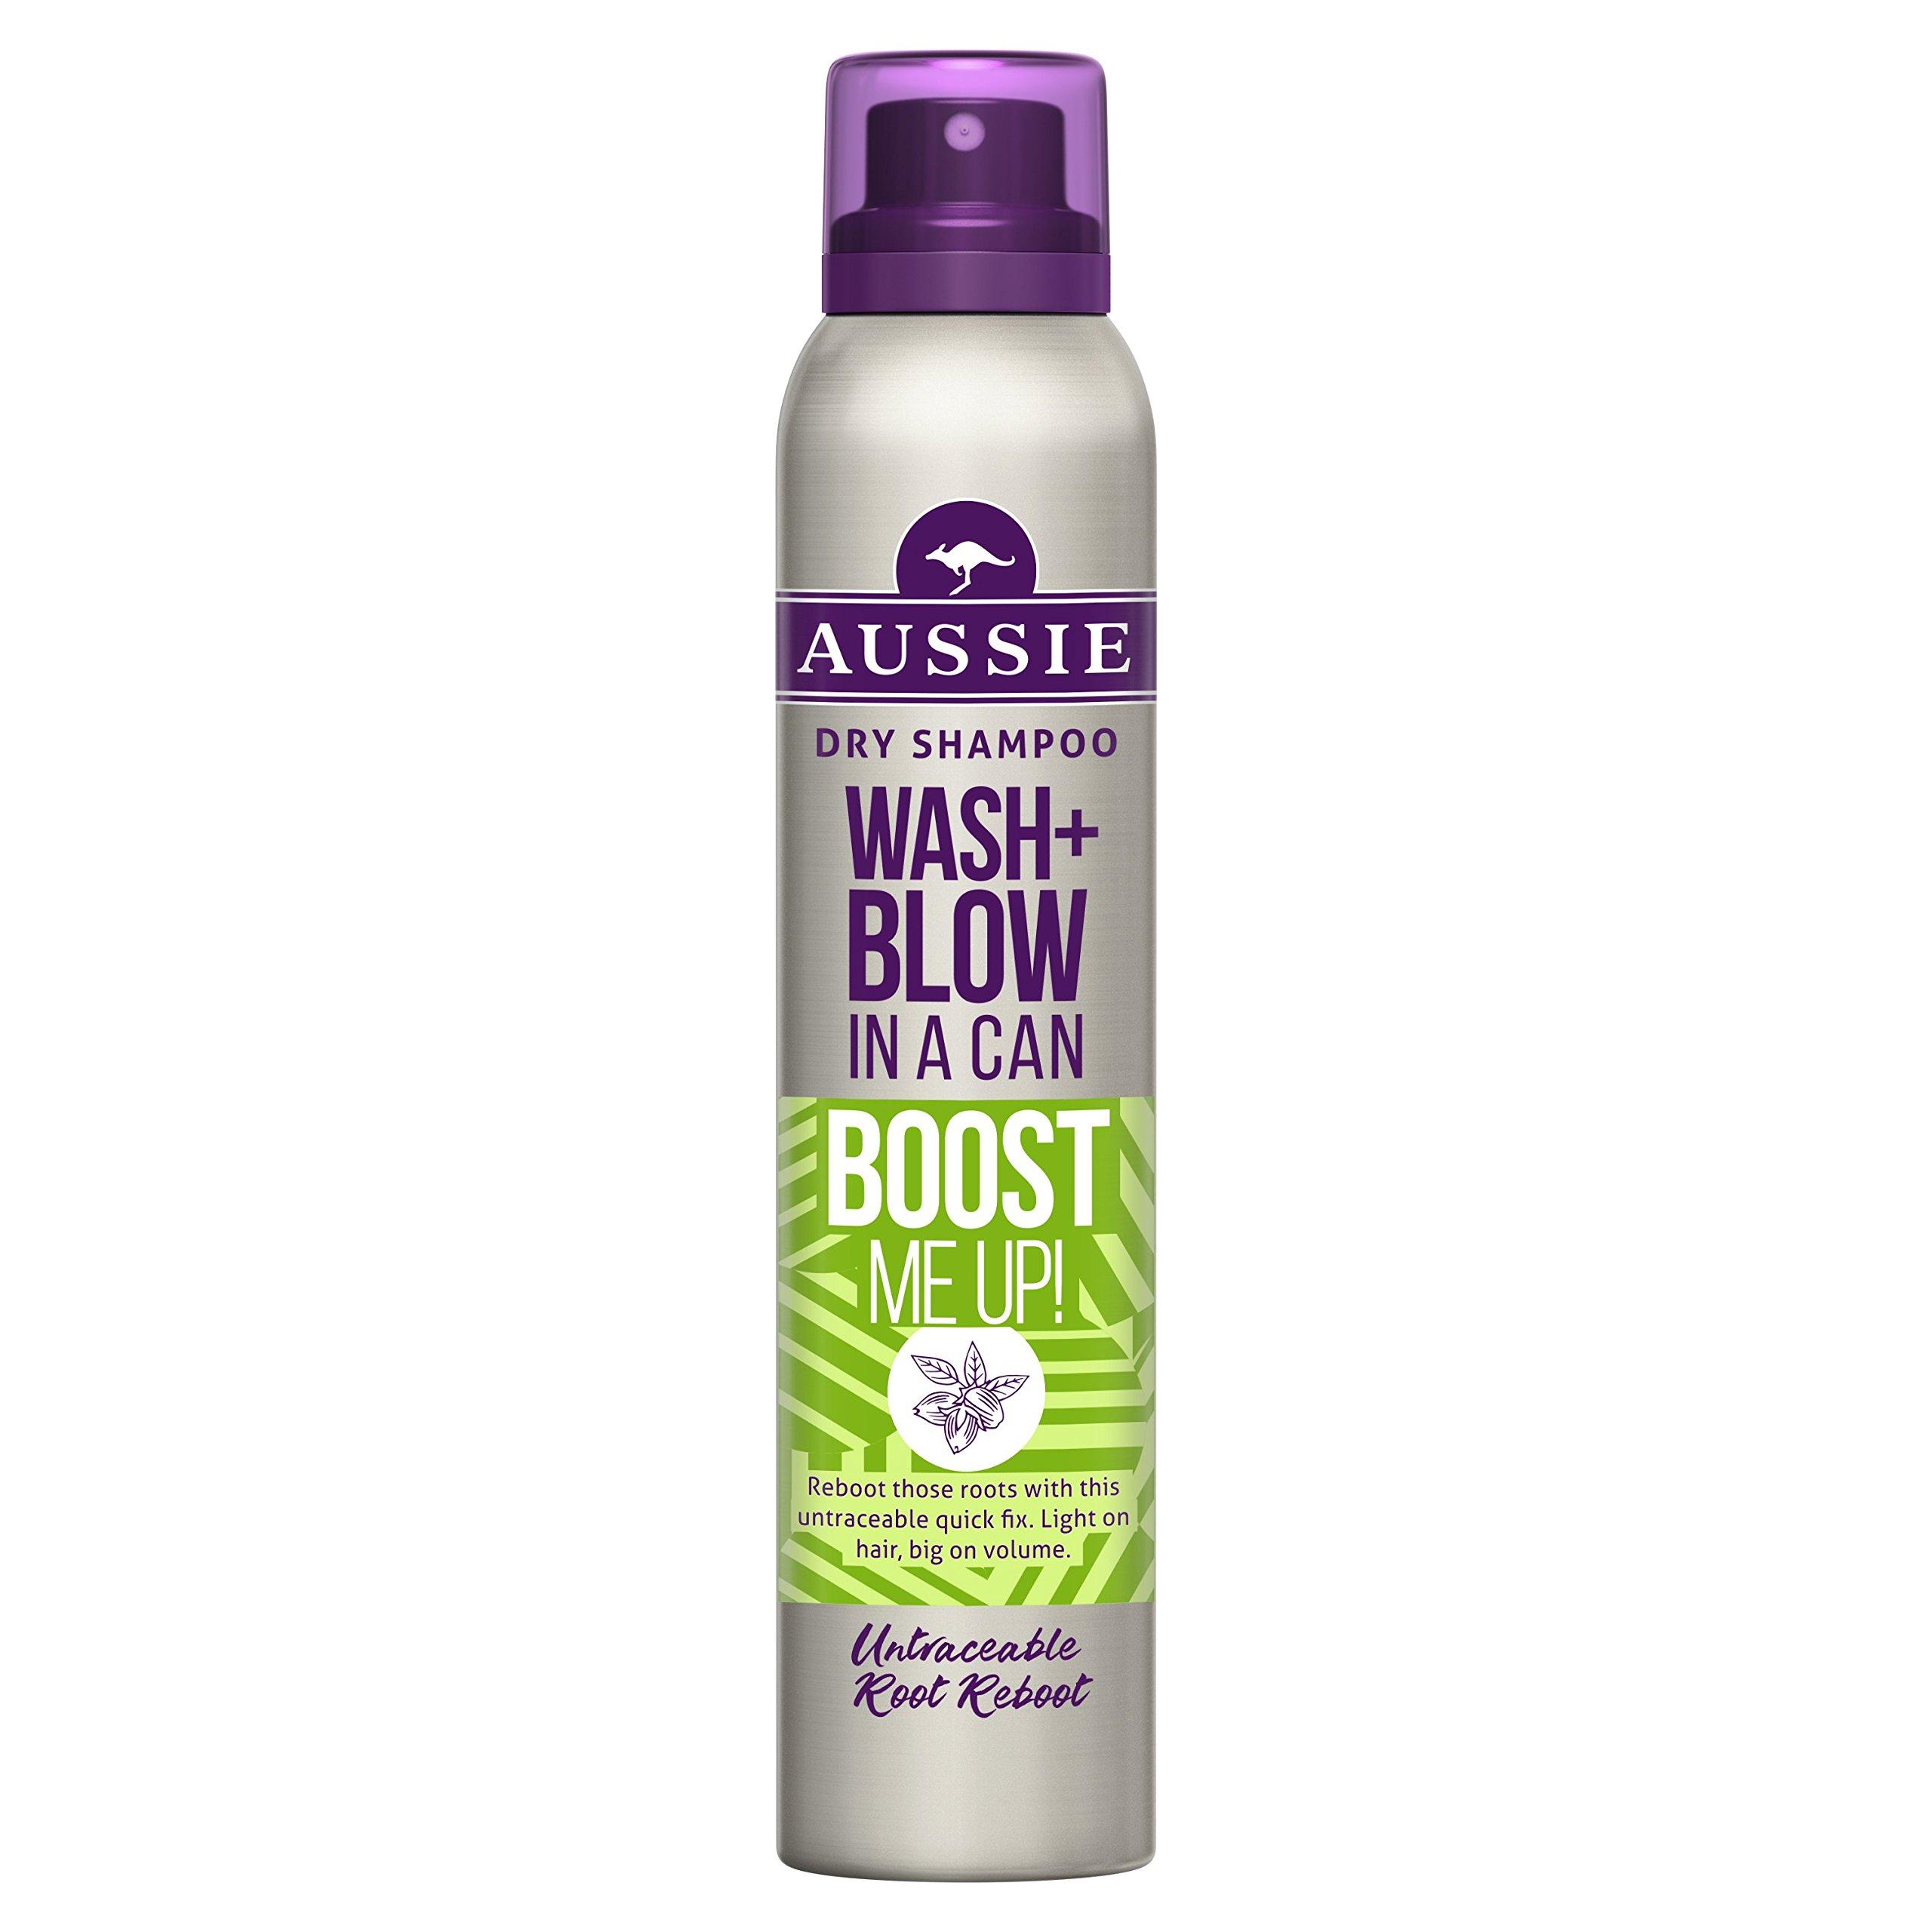 Aussie Miracle Dry Shampoo Aussome Volume 180 ml - by Aussie